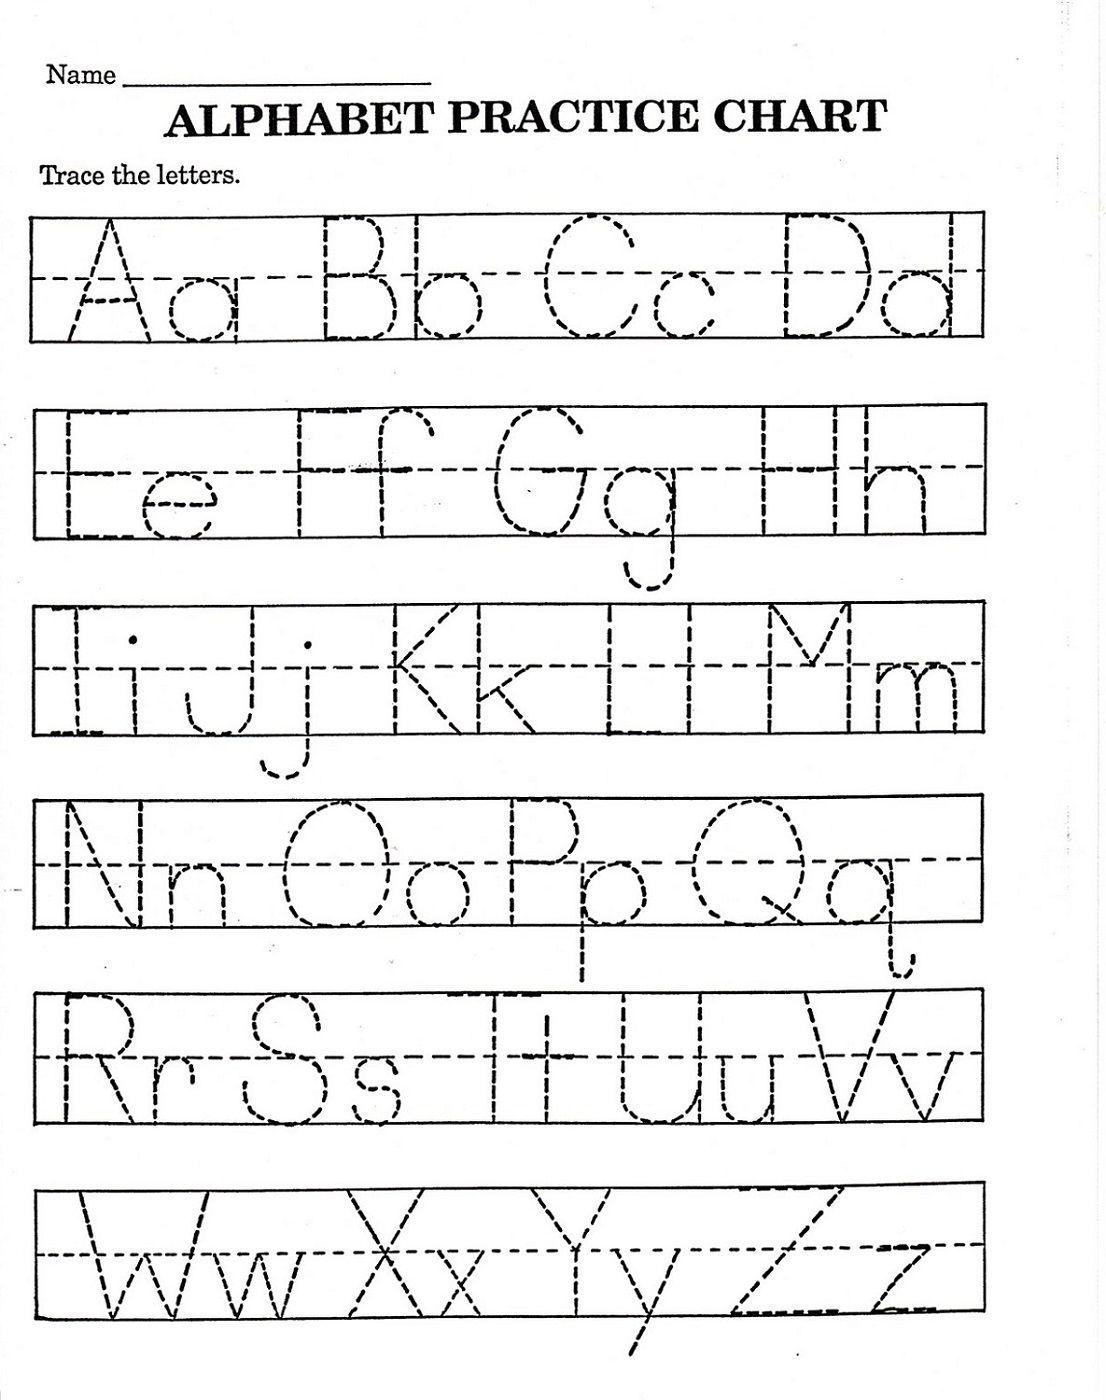 Worksheet ~ Trace Letter Worksheets Free Printable Alphabet regarding Pre-K Worksheets Alphabet Tracing